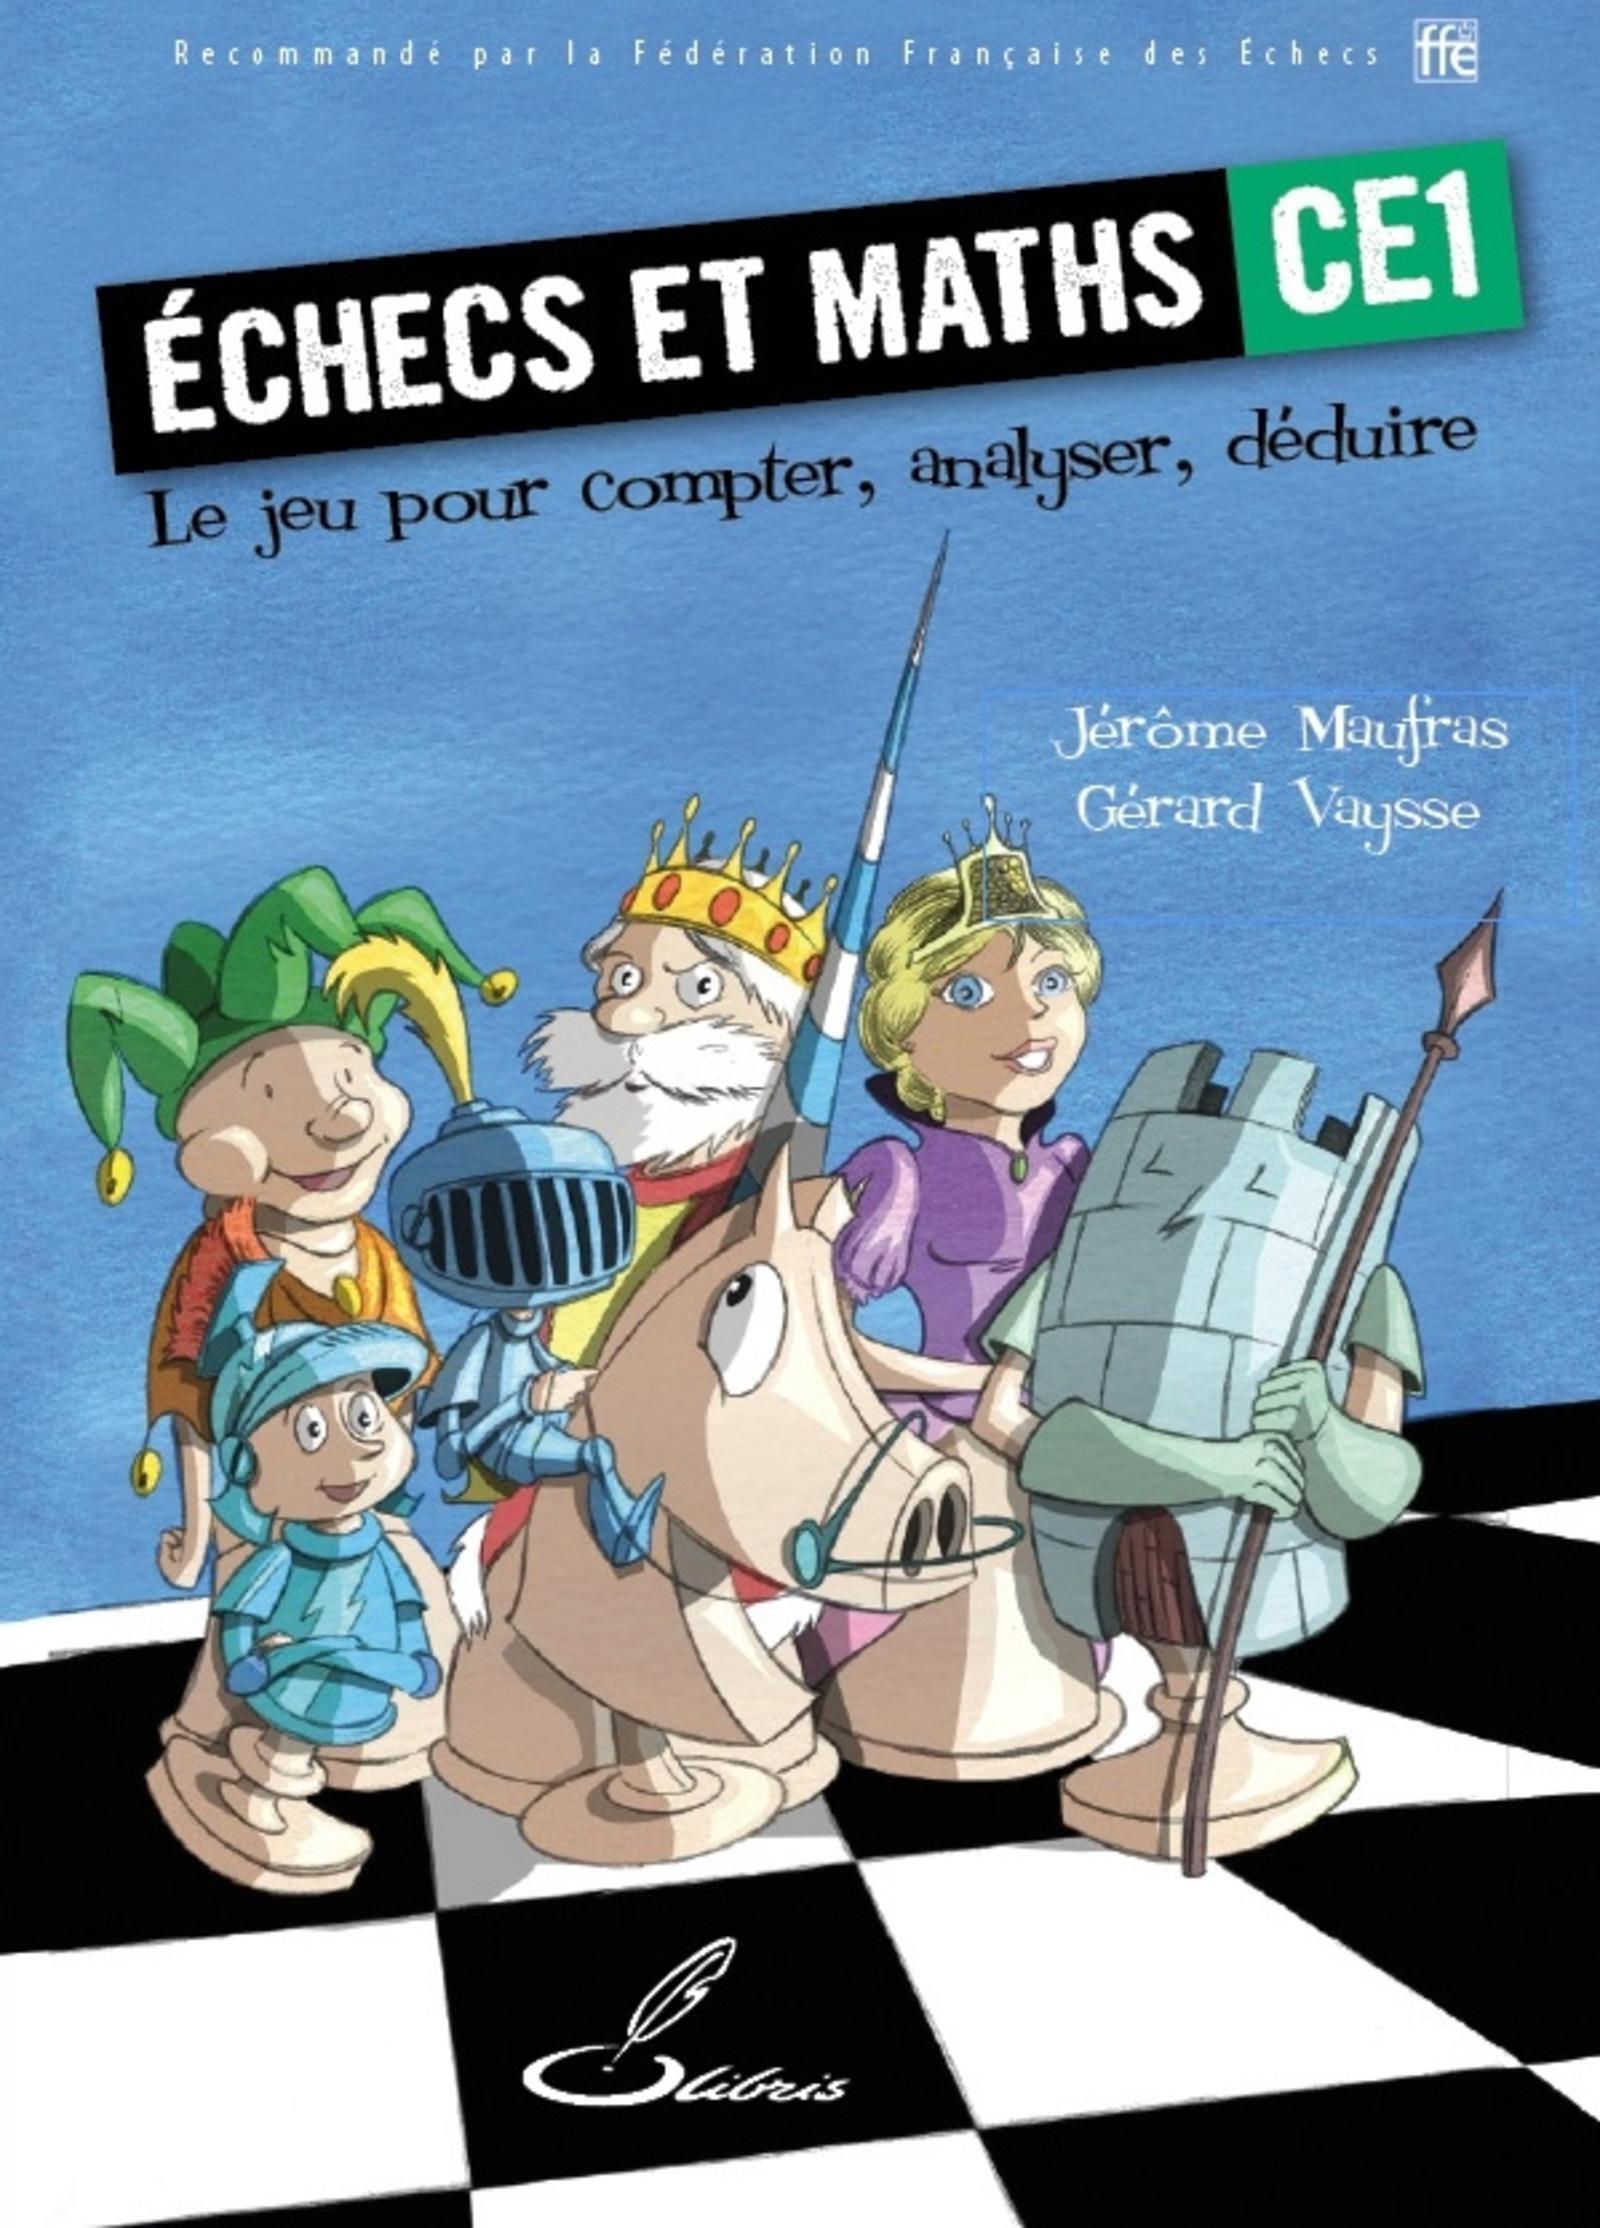 ECHECS ET MATHS CE1. LE JEU POUR COMPTER, ANALYSER, DEDUIRE.